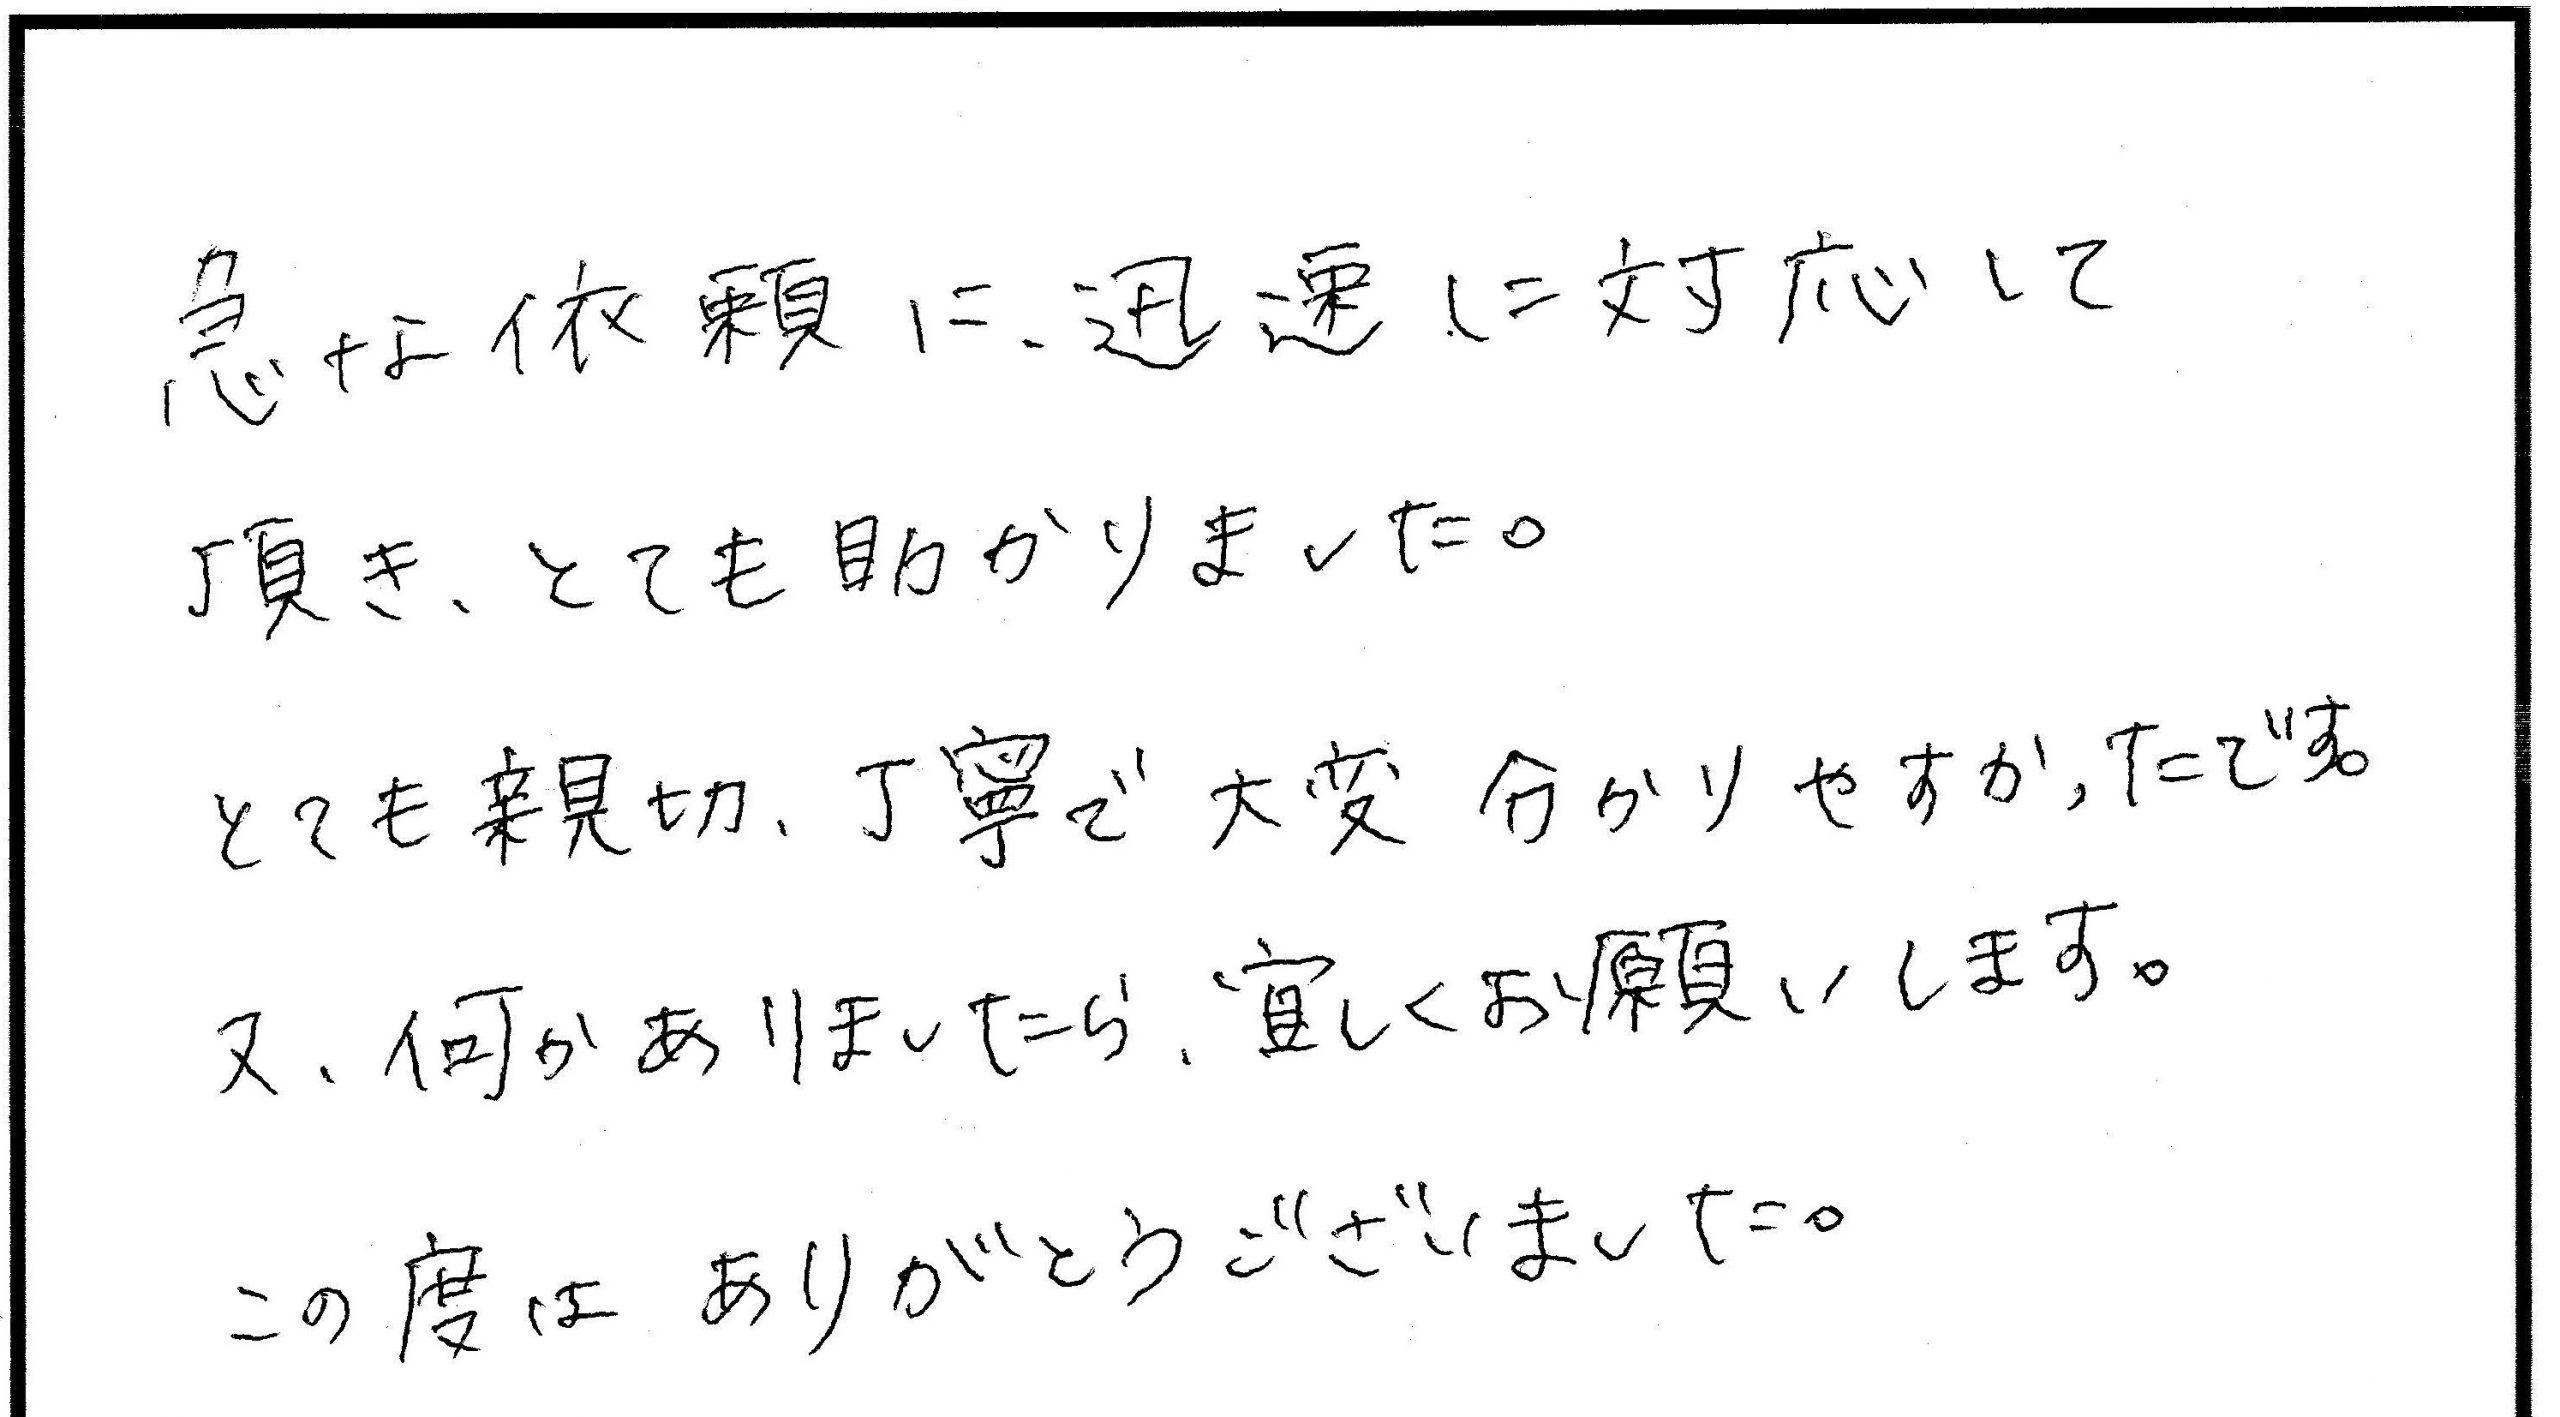 声2(坂巻電気工事)HP用